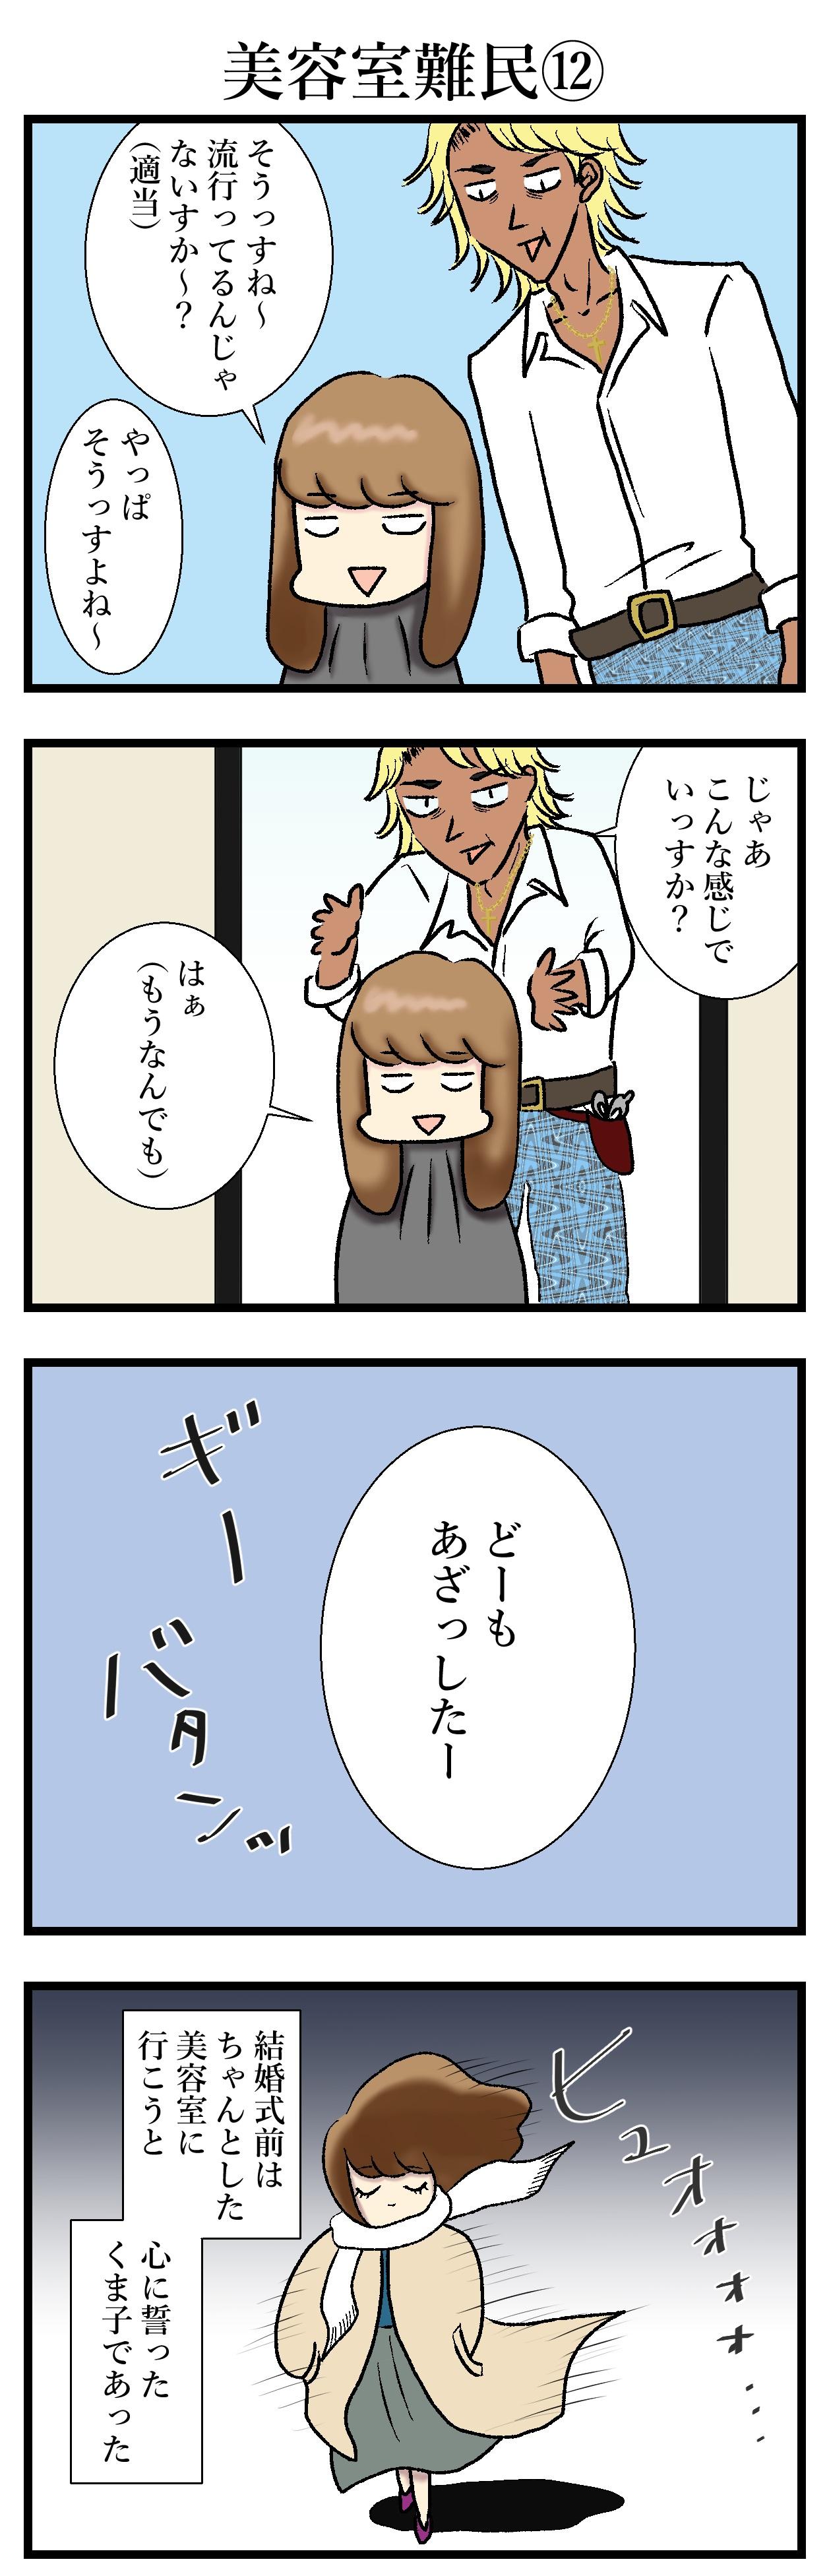 【エッセイ漫画】アラサー主婦くま子のふがいない日常(16)